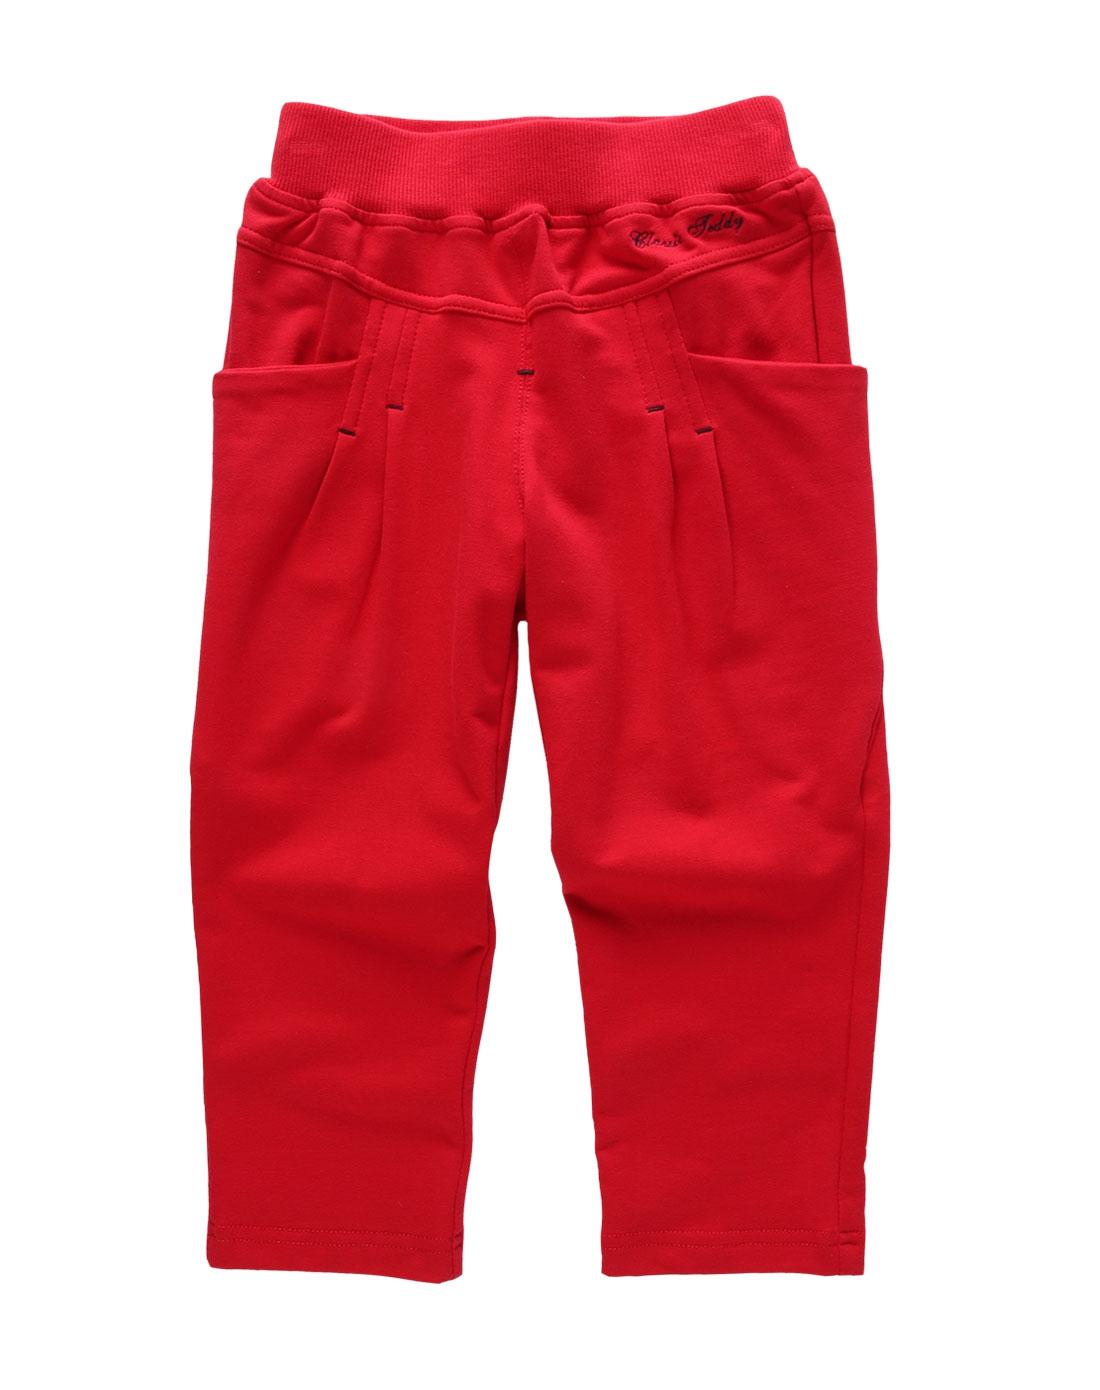 teddy女童红色长裤eb7141红色